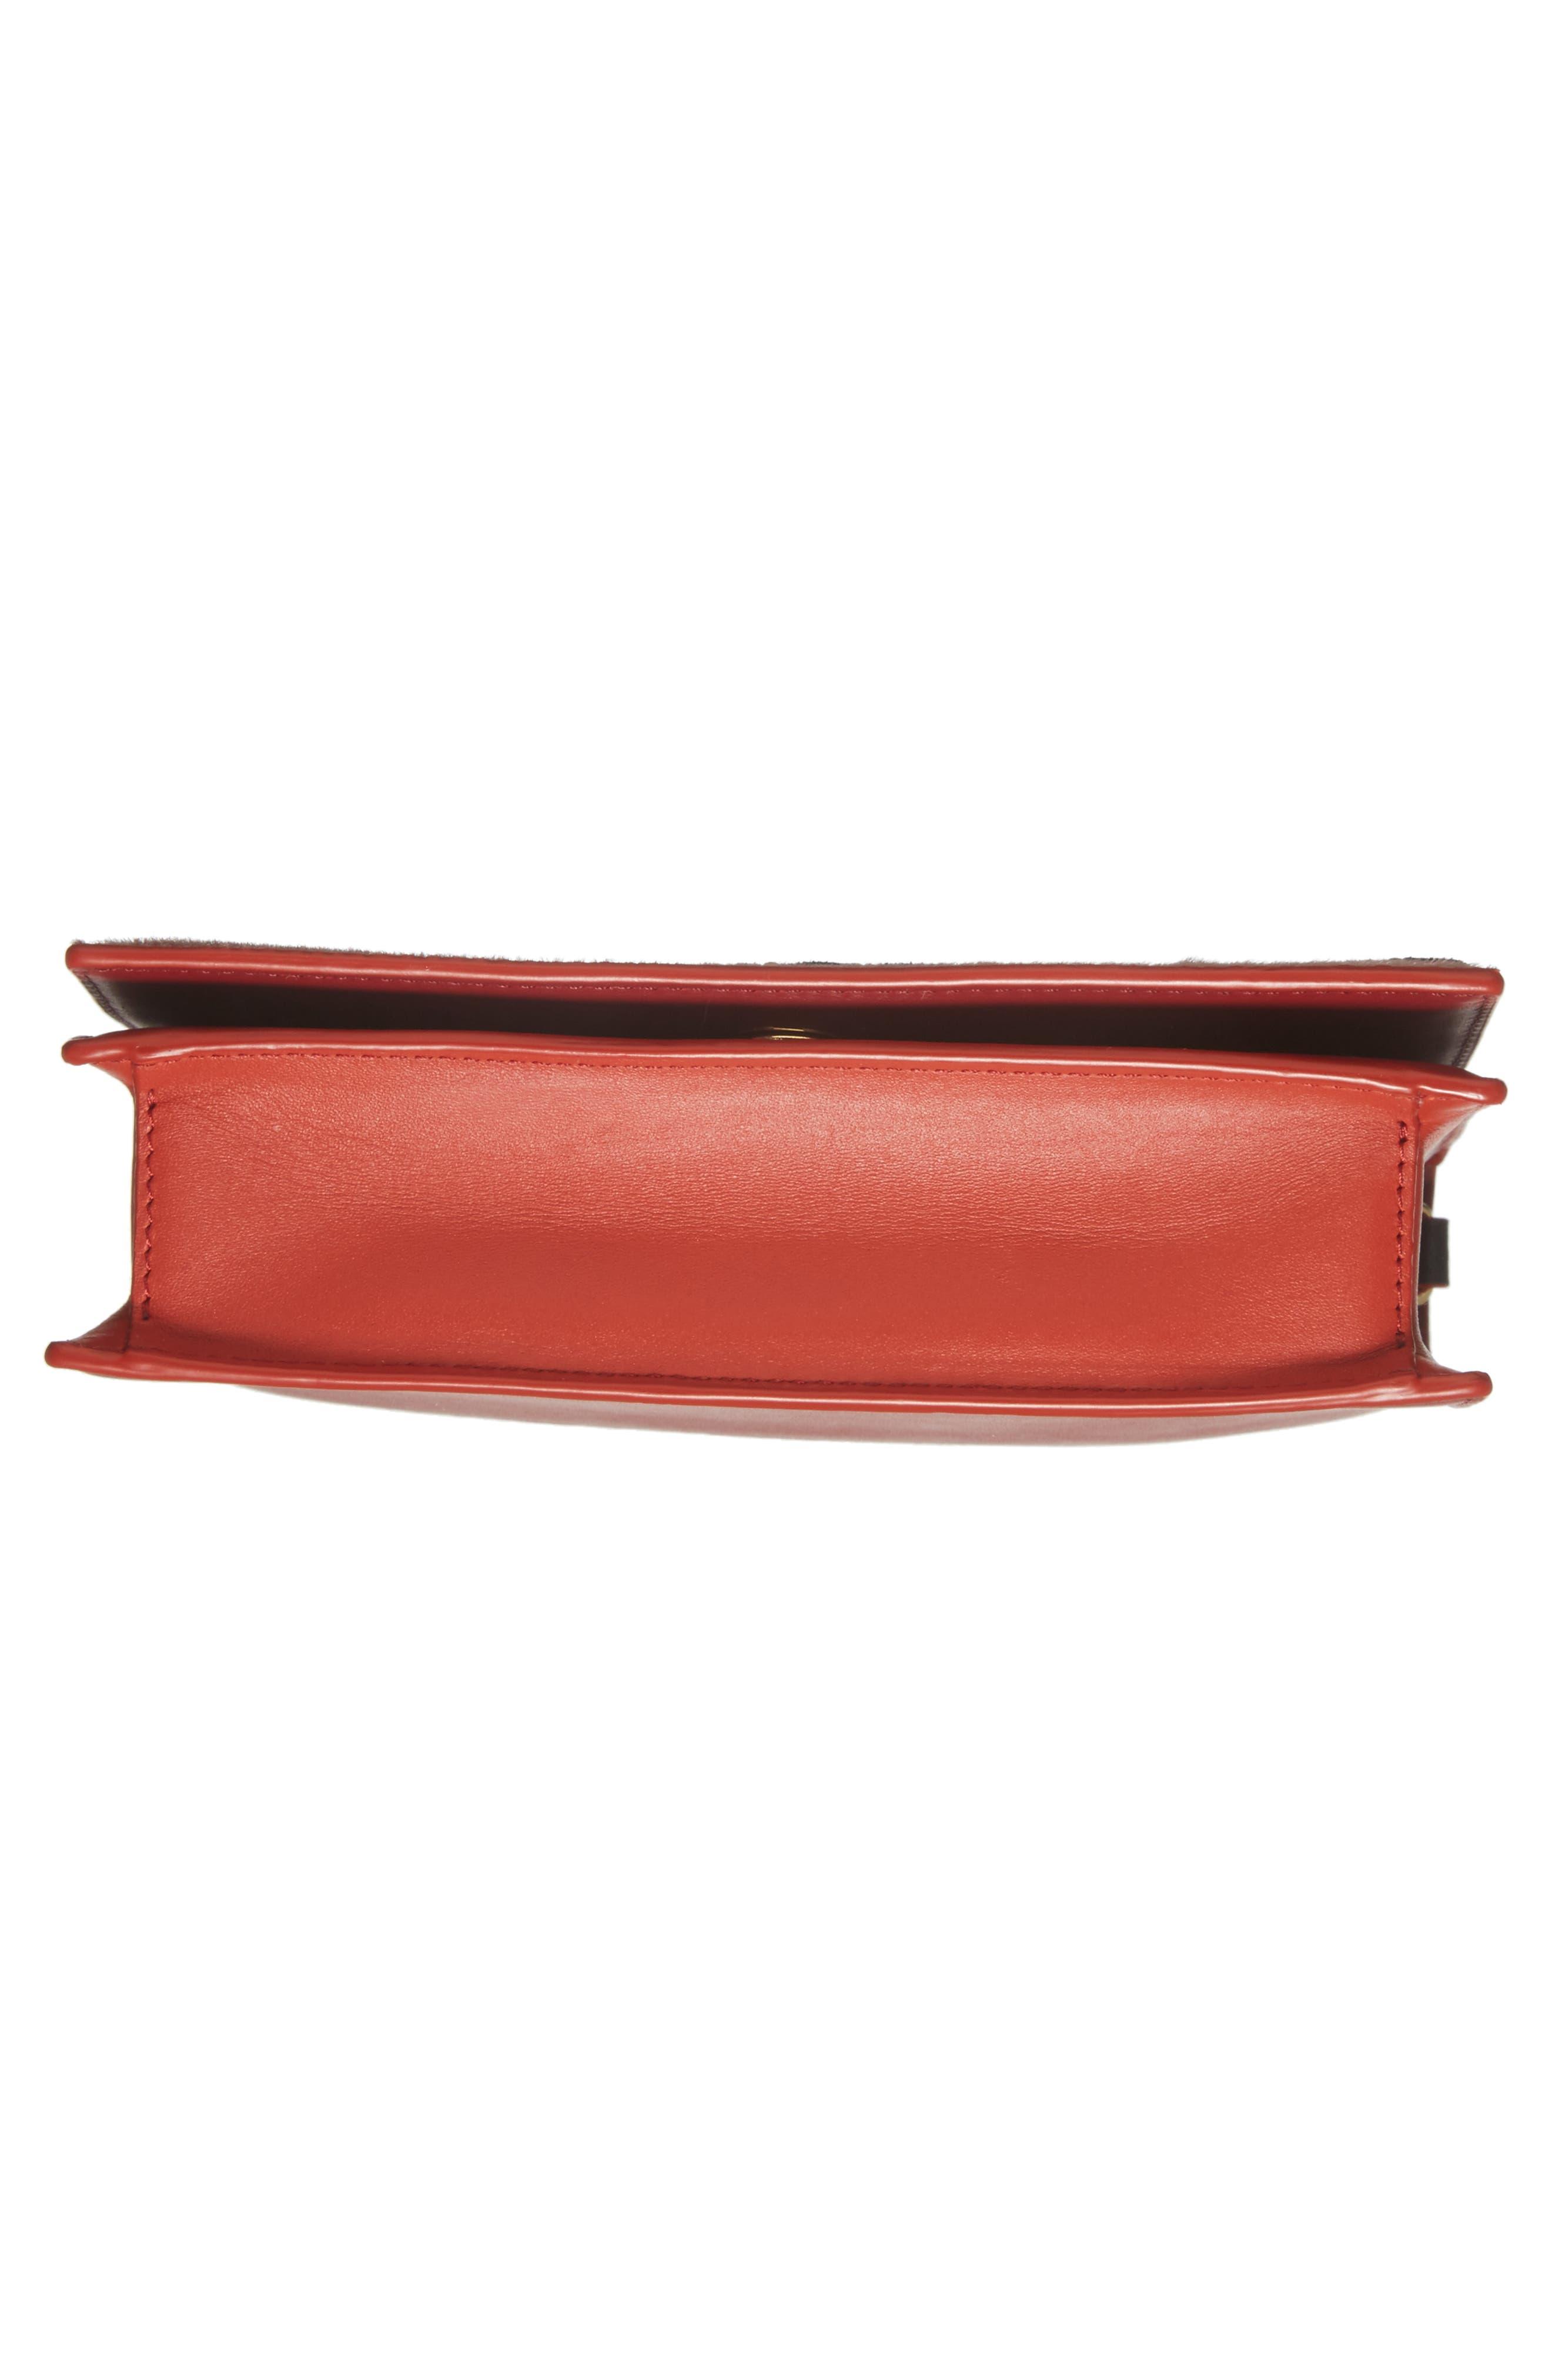 Soirée Genuine Calf Hair & Leather Convertible Shoulder Bag,                             Alternate thumbnail 6, color,                             Mauve